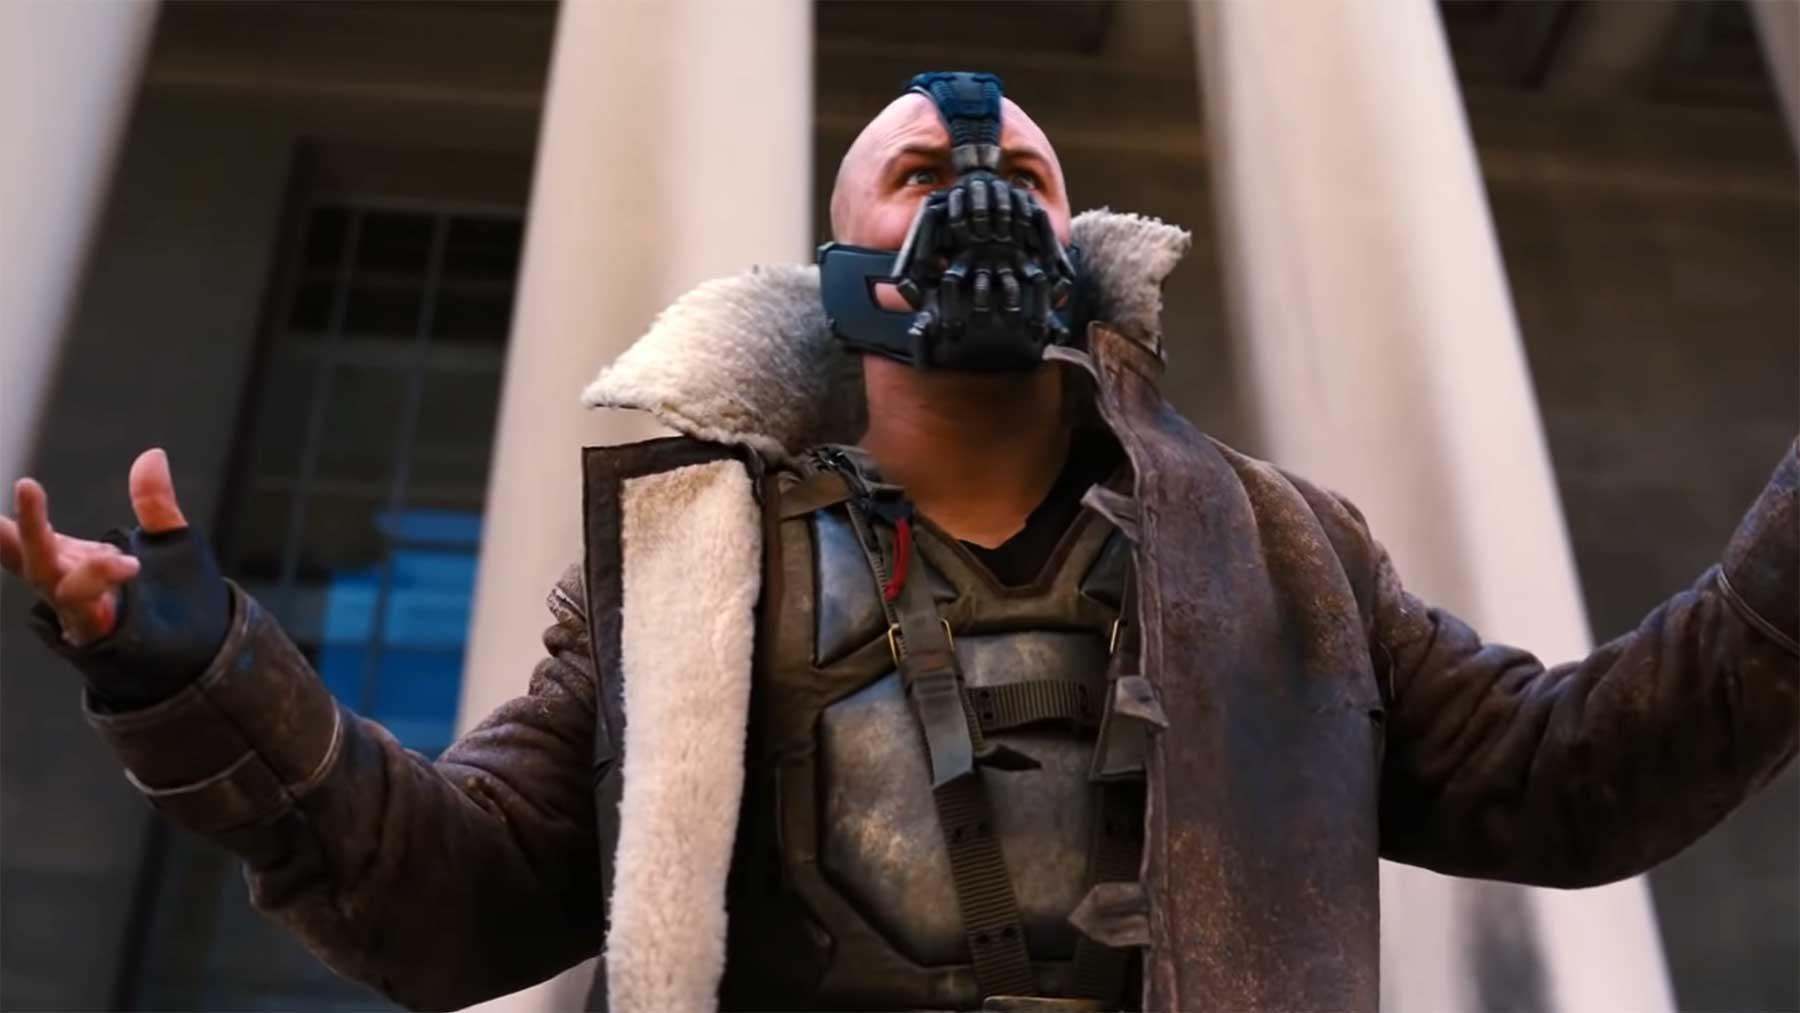 Bösewicht BANE fordert euch auf, eine Mund-Nase-Maske zu tragen! bane-sagt-maske-tragen